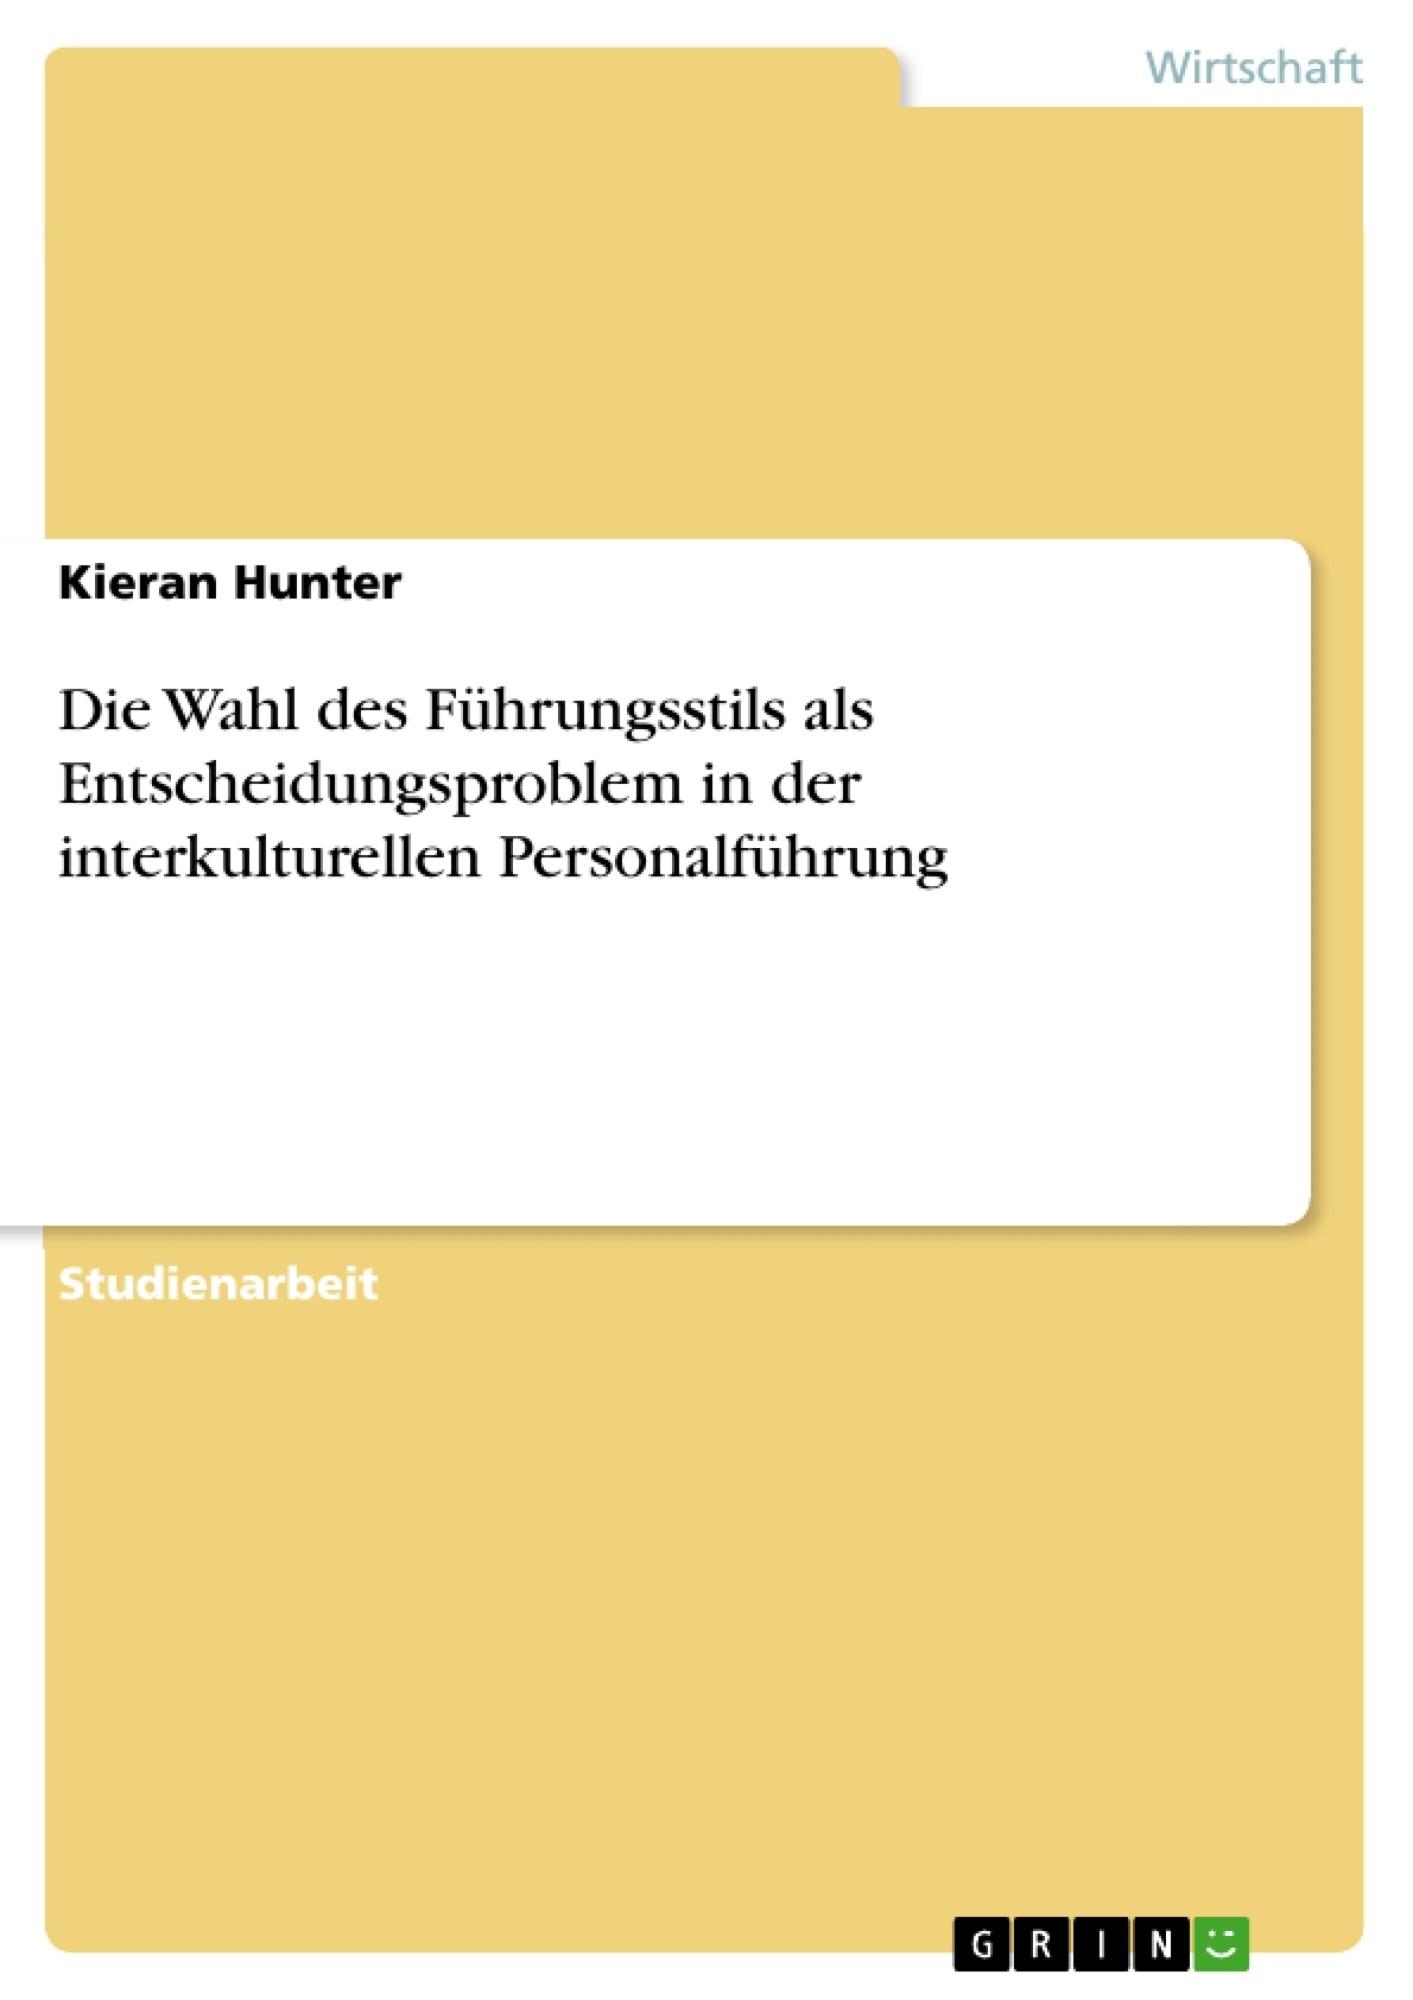 Titel: Die Wahl des Führungsstils als Entscheidungsproblem in der interkulturellen Personalführung